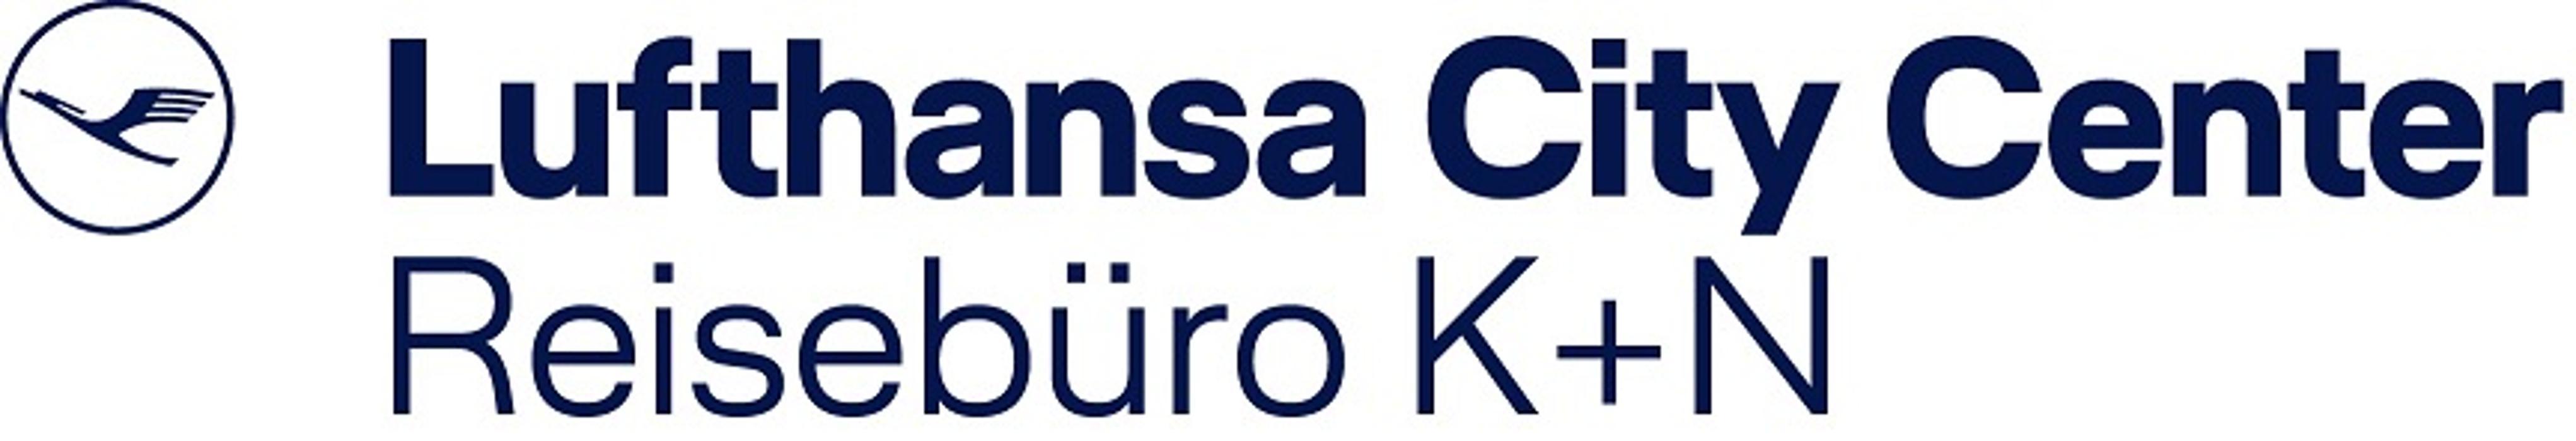 Bild zu Lufthansa City Center Reisebüro K+N in Erlangen